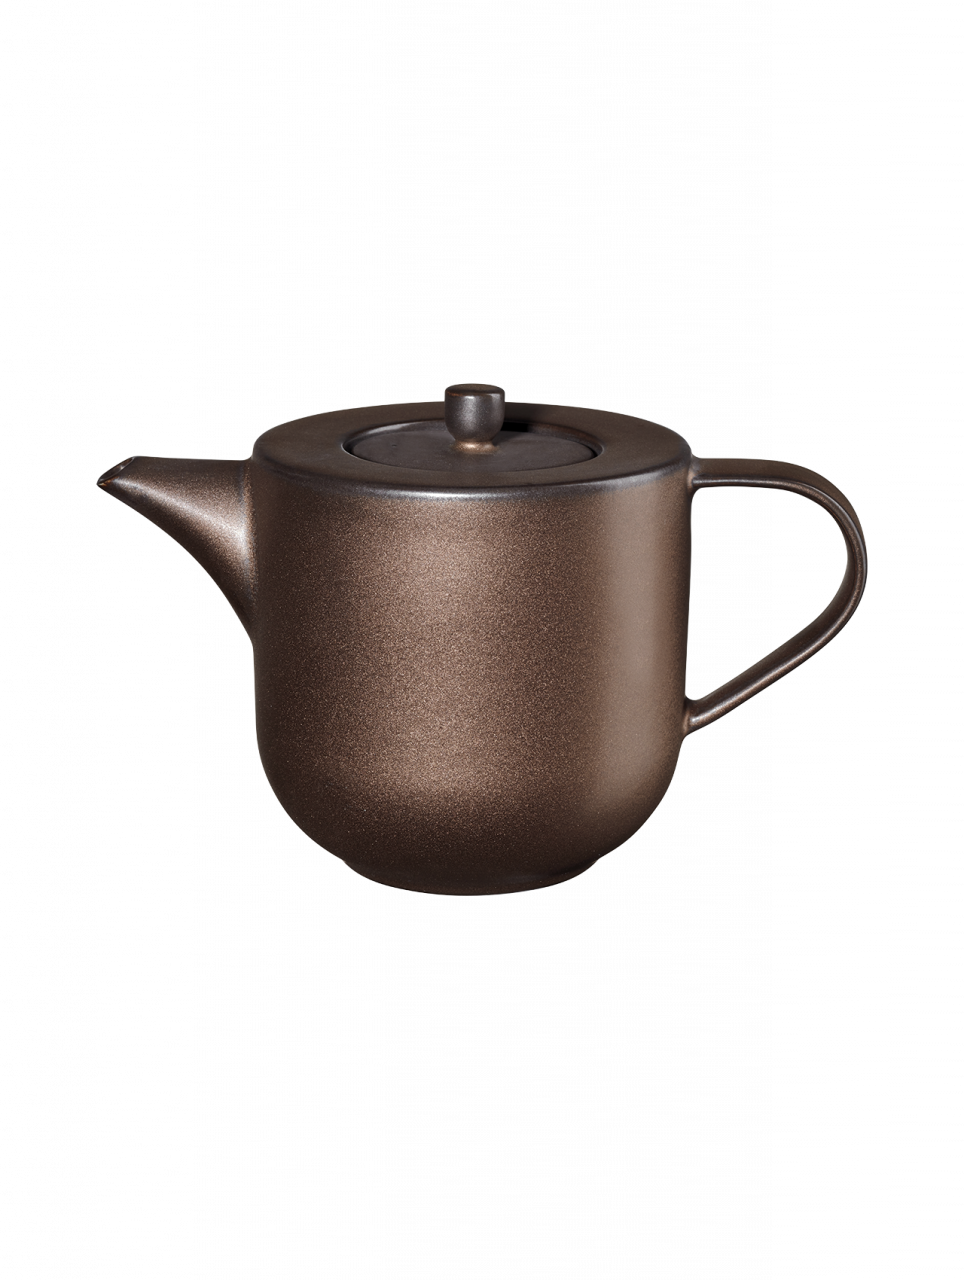 Teekanne, ferro